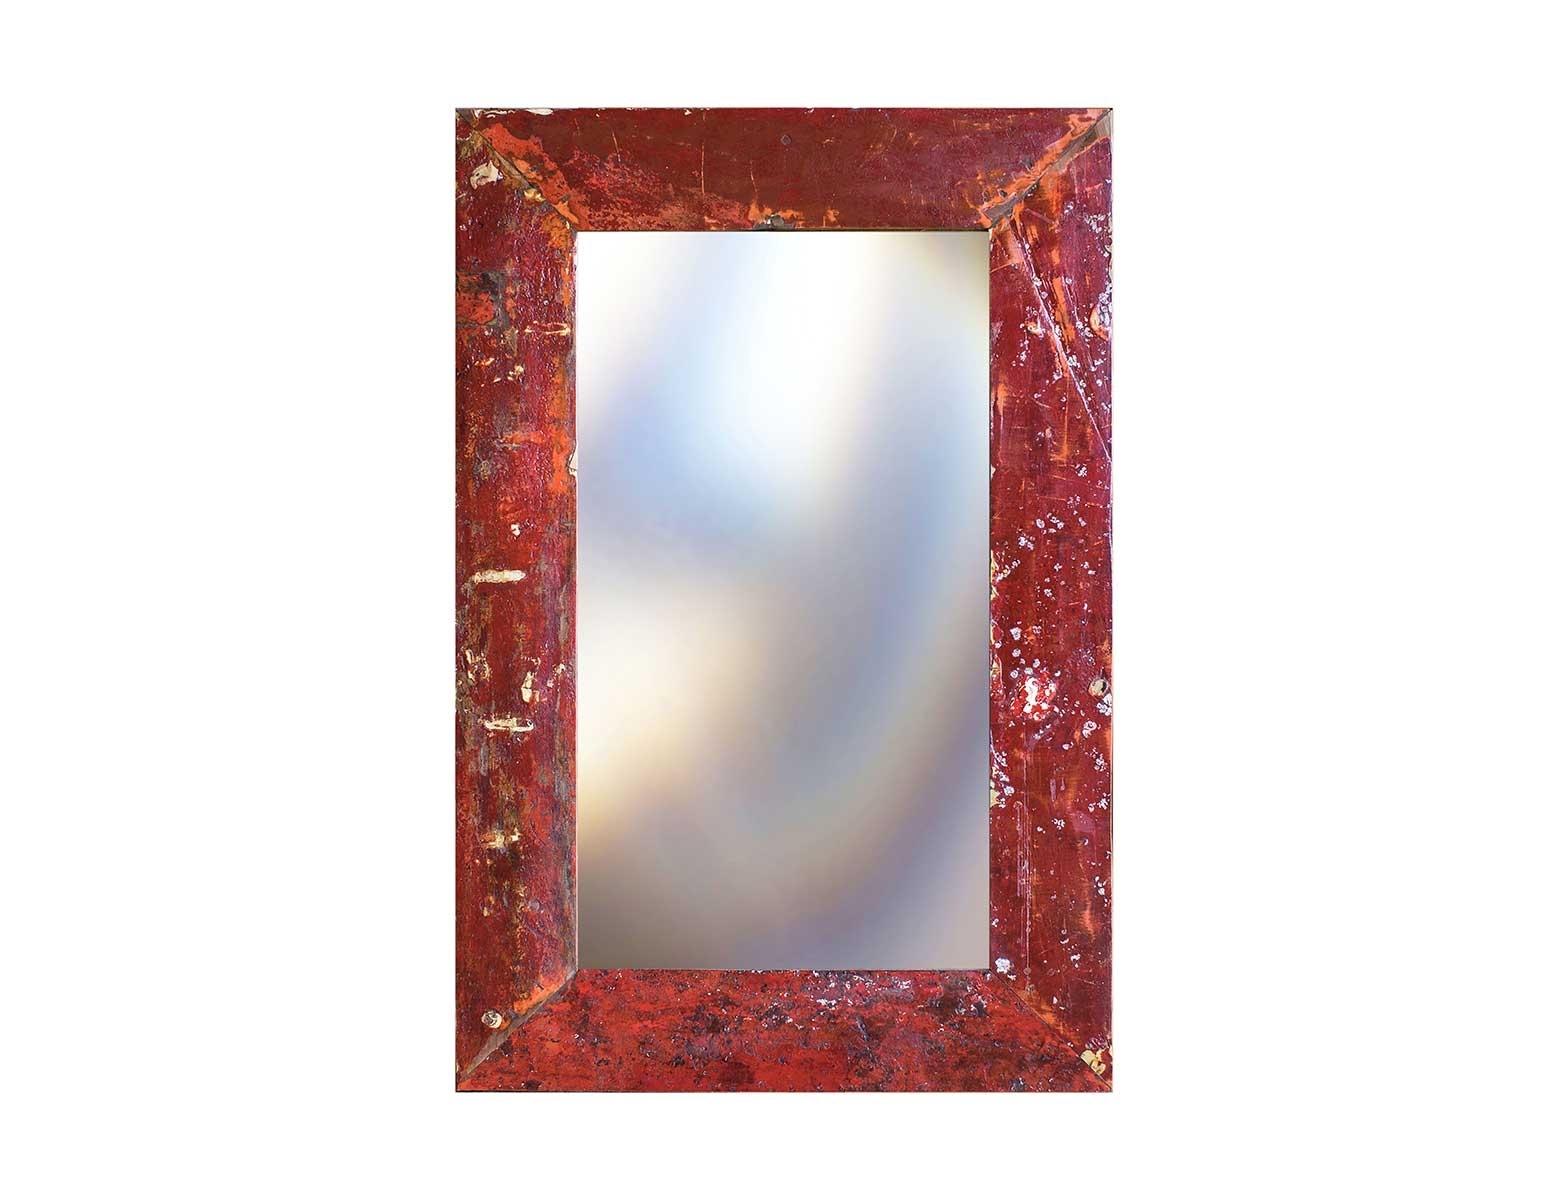 Зеркало Свет мой зеркальцеНастенные зеркала<br>Зеркало выполнено из фрагментов настоящего рыболовецкого судна, возраст которого 20-40 лет. Окрас сохранён оригинальный.<br><br>Material: Тик<br>Ширина см: 80.0<br>Высота см: 120.0<br>Глубина см: 3.0